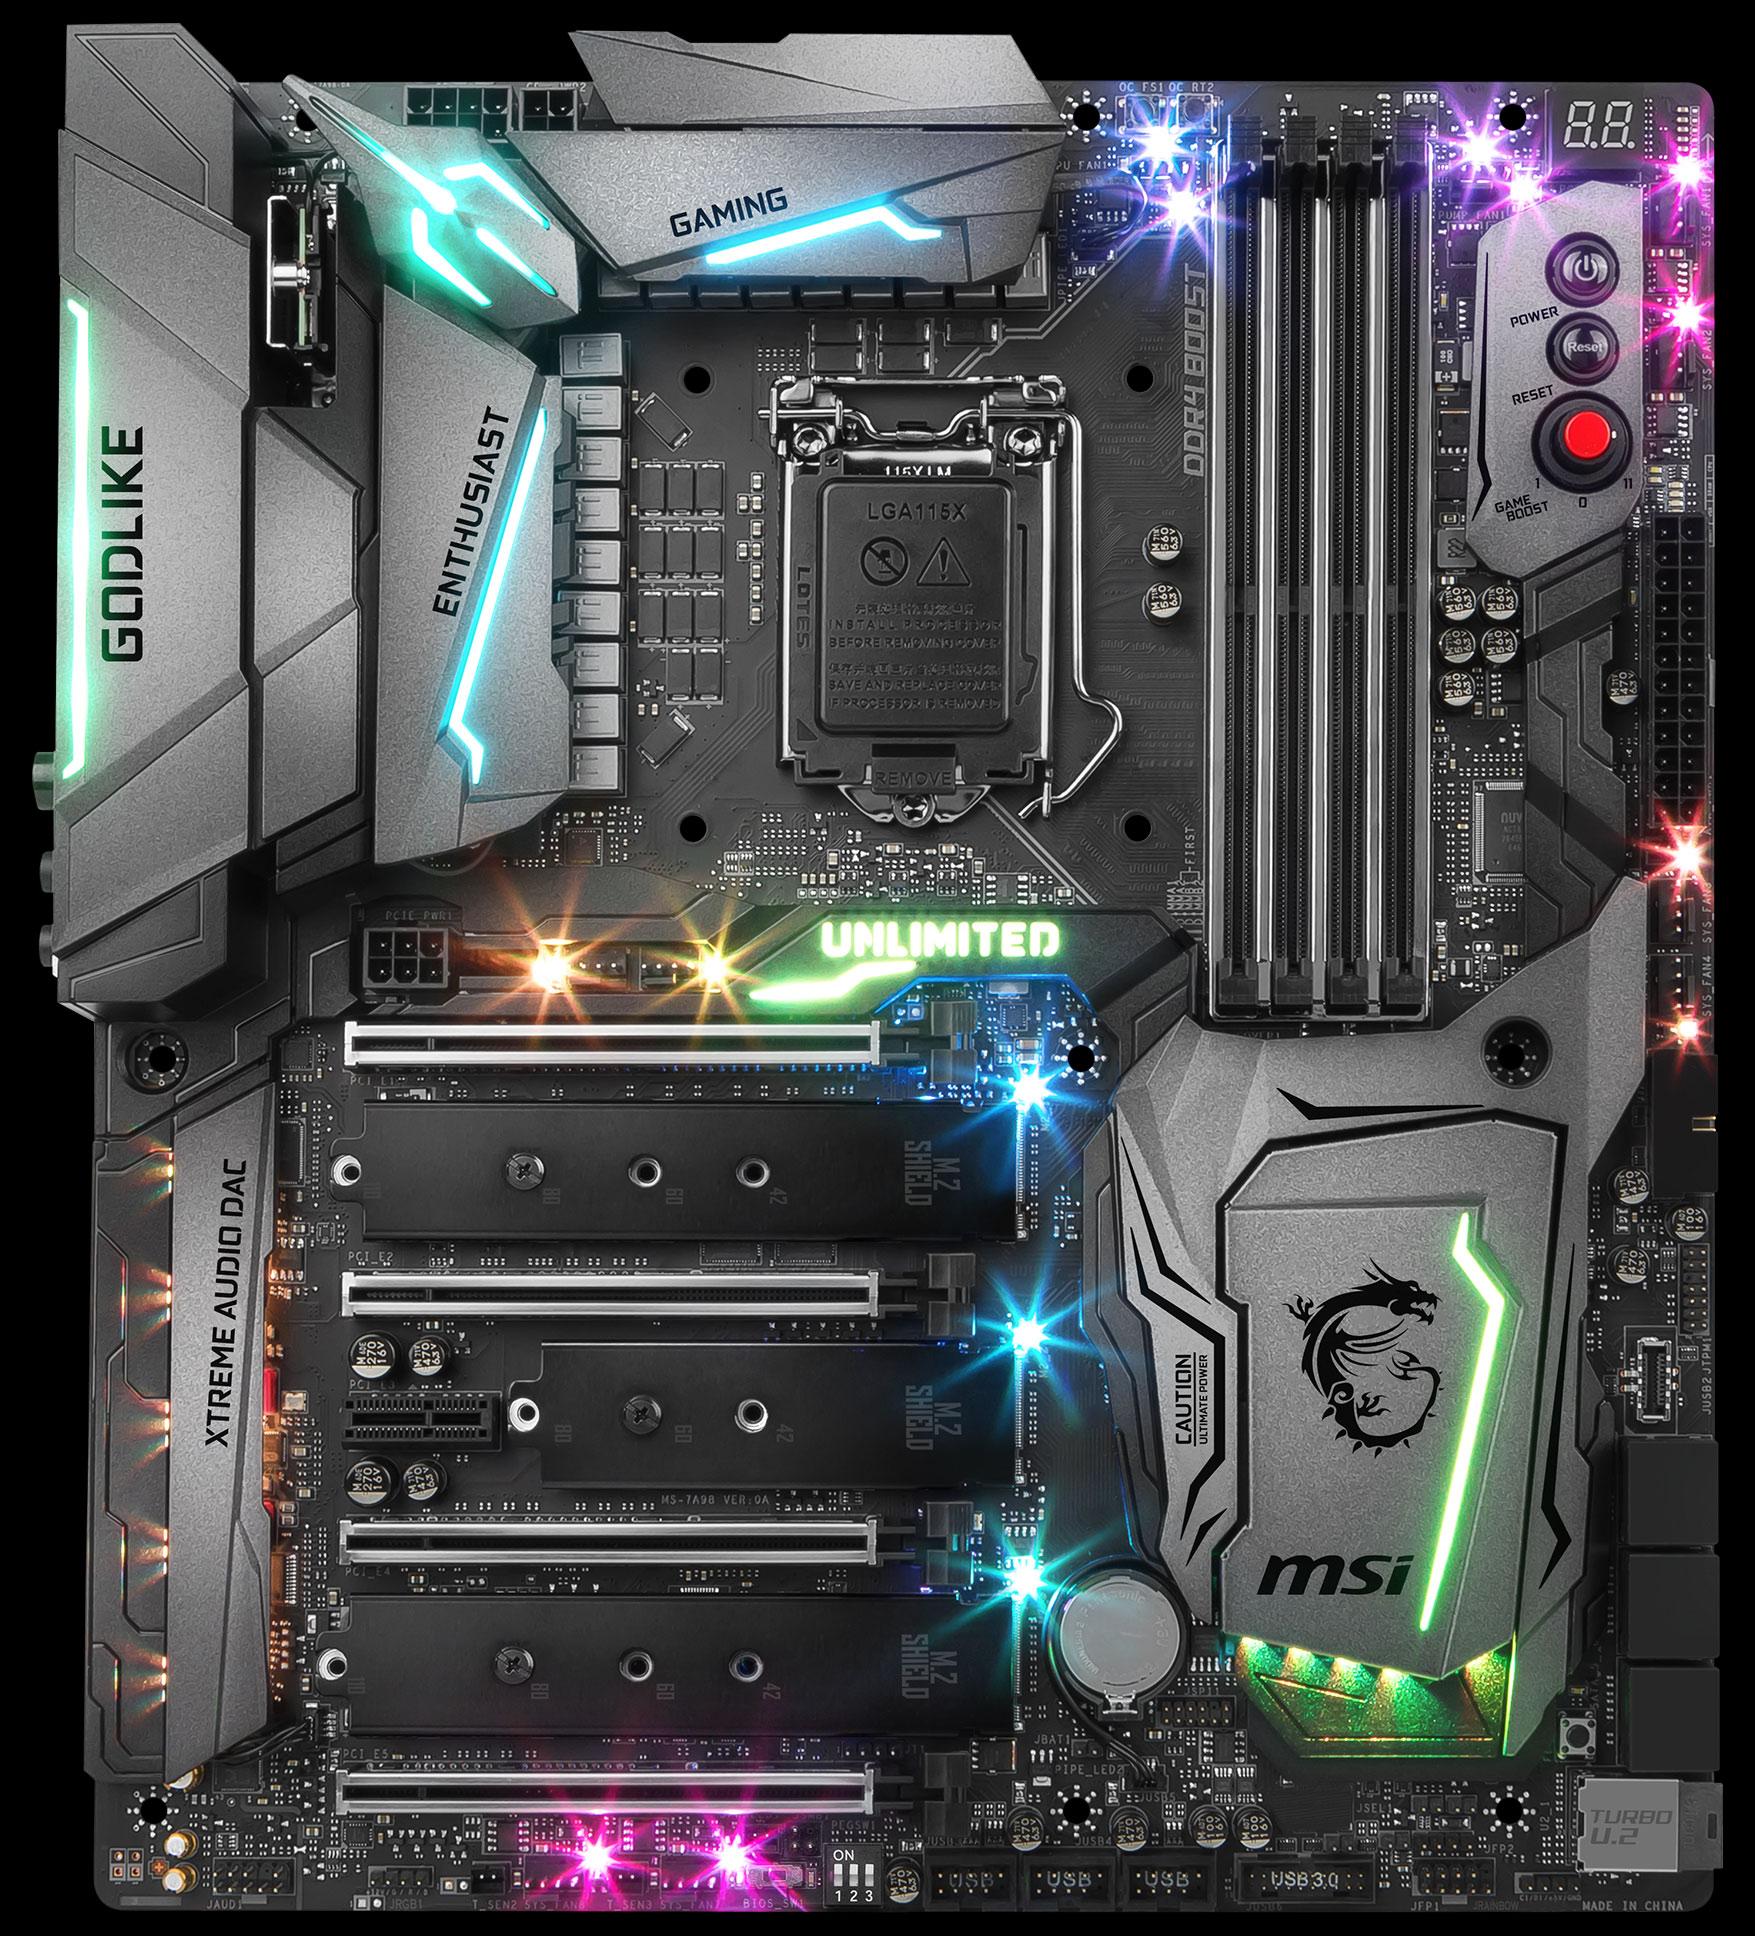 Msi Z370 Godlike Gaming Lga 1151 300 Series Intel Z370